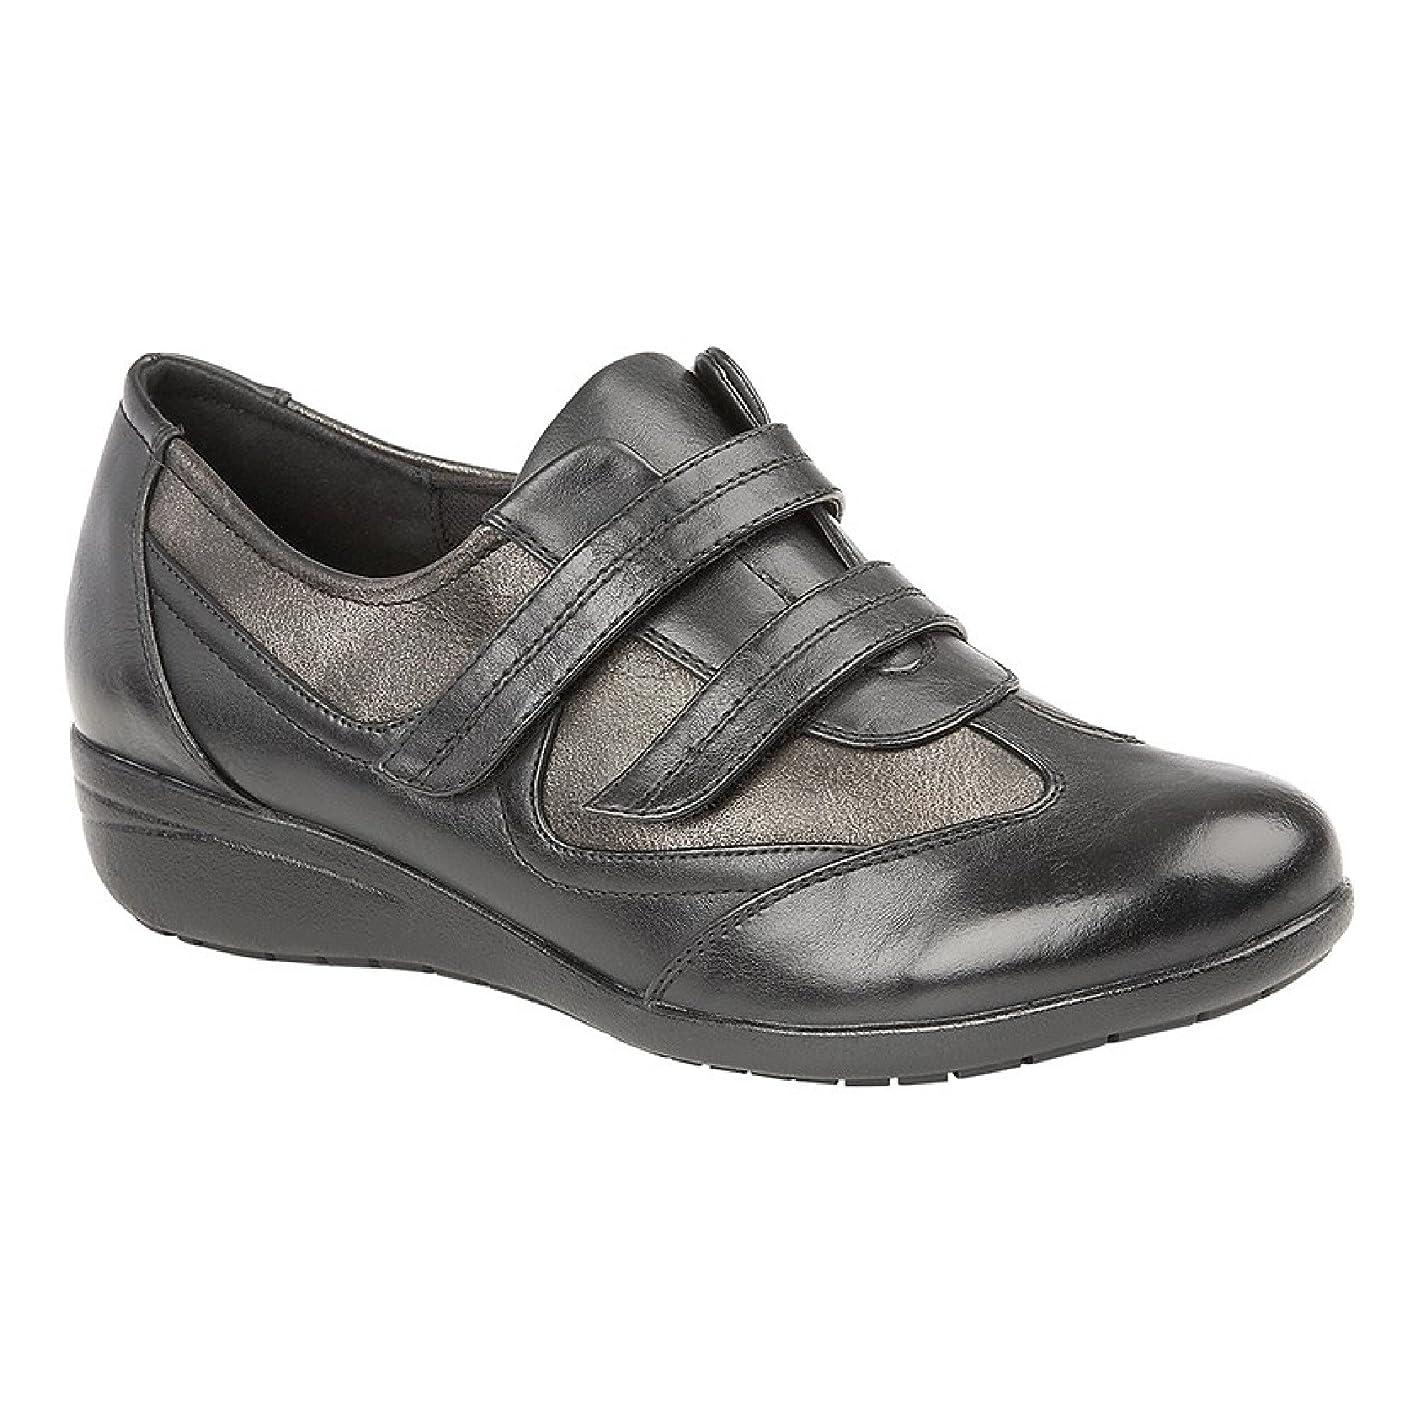 路面電車自分自身許可(ブールバール) Boulevard レディース 面ファスナー留め 快適 パッド入りシューズ 婦人靴 カジュアル 女性用